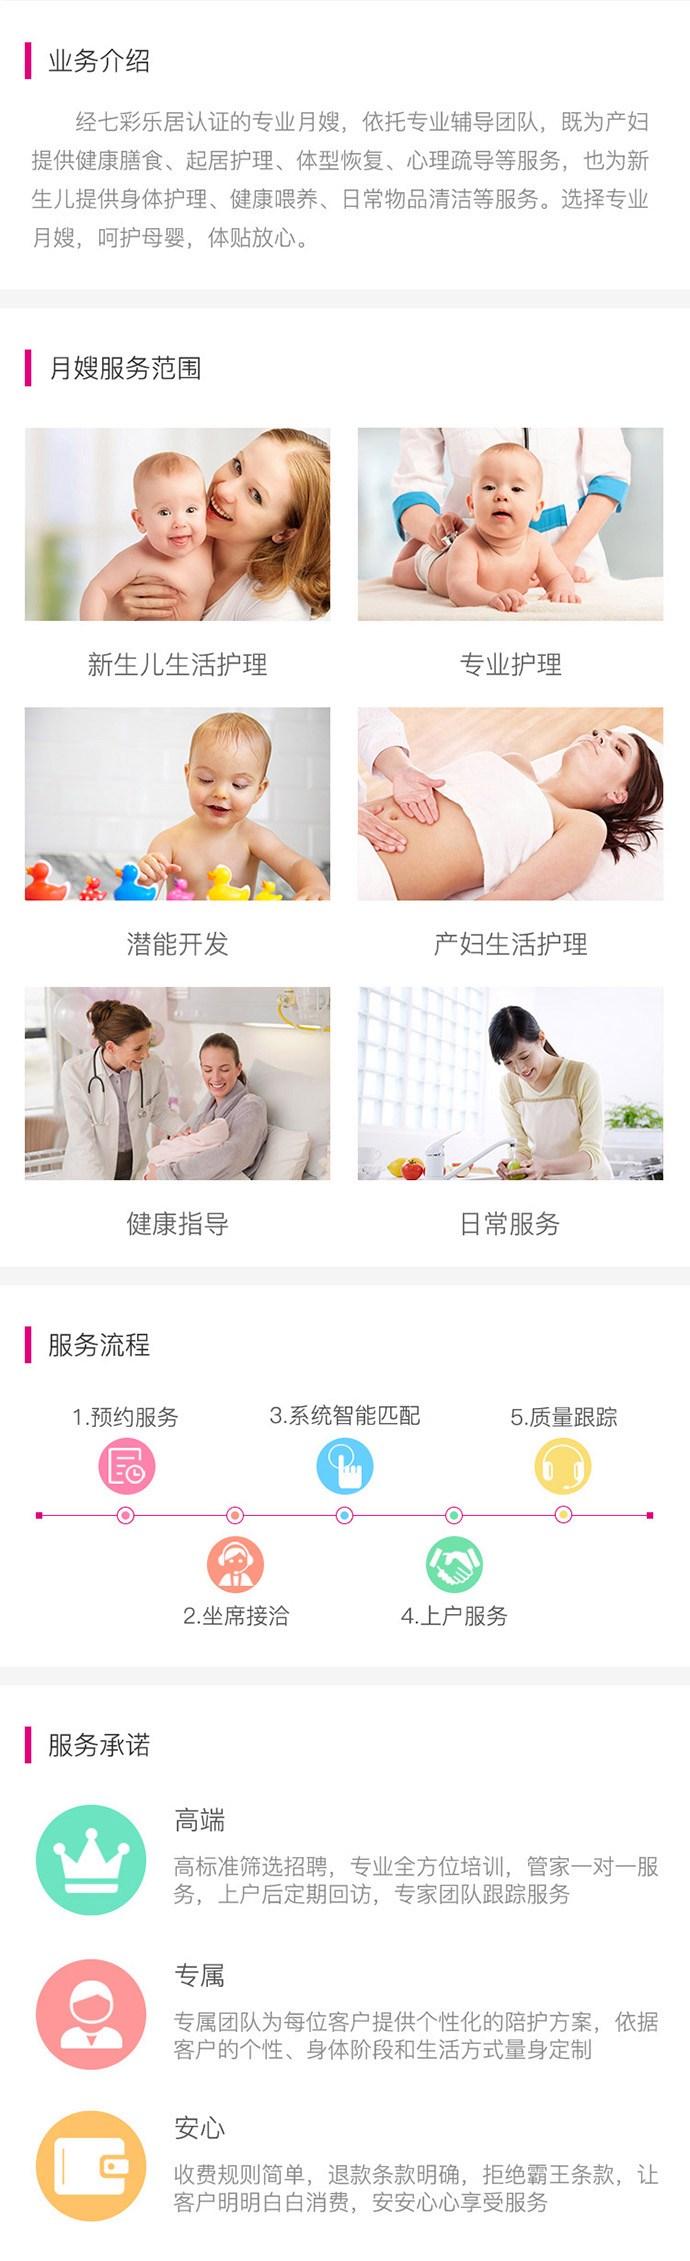 七彩乐居家政(团结湖店)